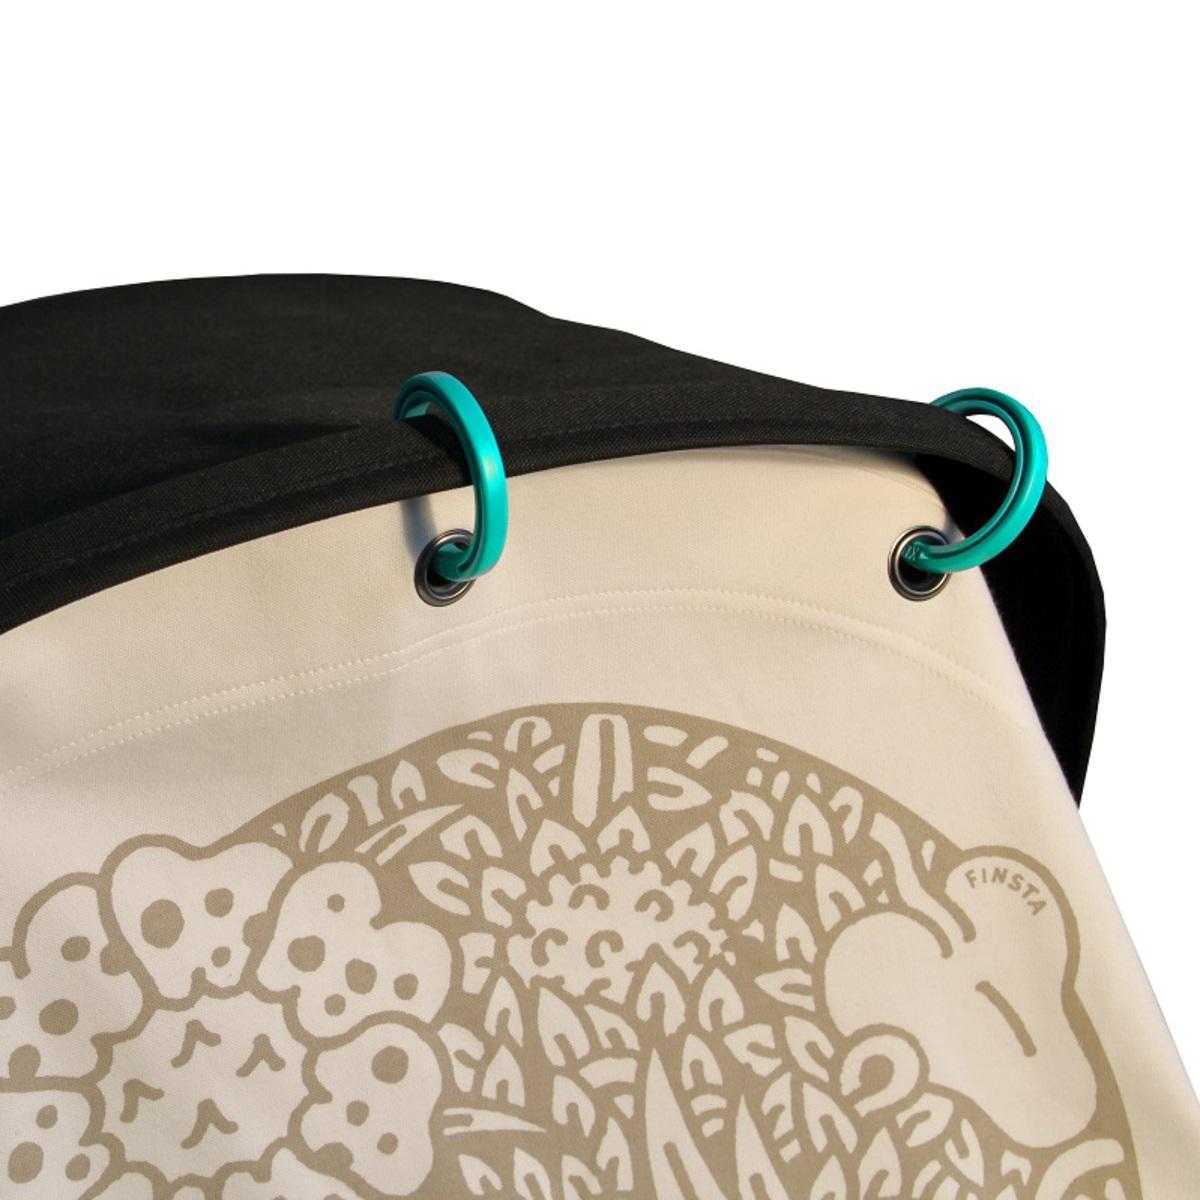 kurtis anneau pour rideau poussette bleu pastel ombrelle et protection kurtis sur l 39 armoire. Black Bedroom Furniture Sets. Home Design Ideas